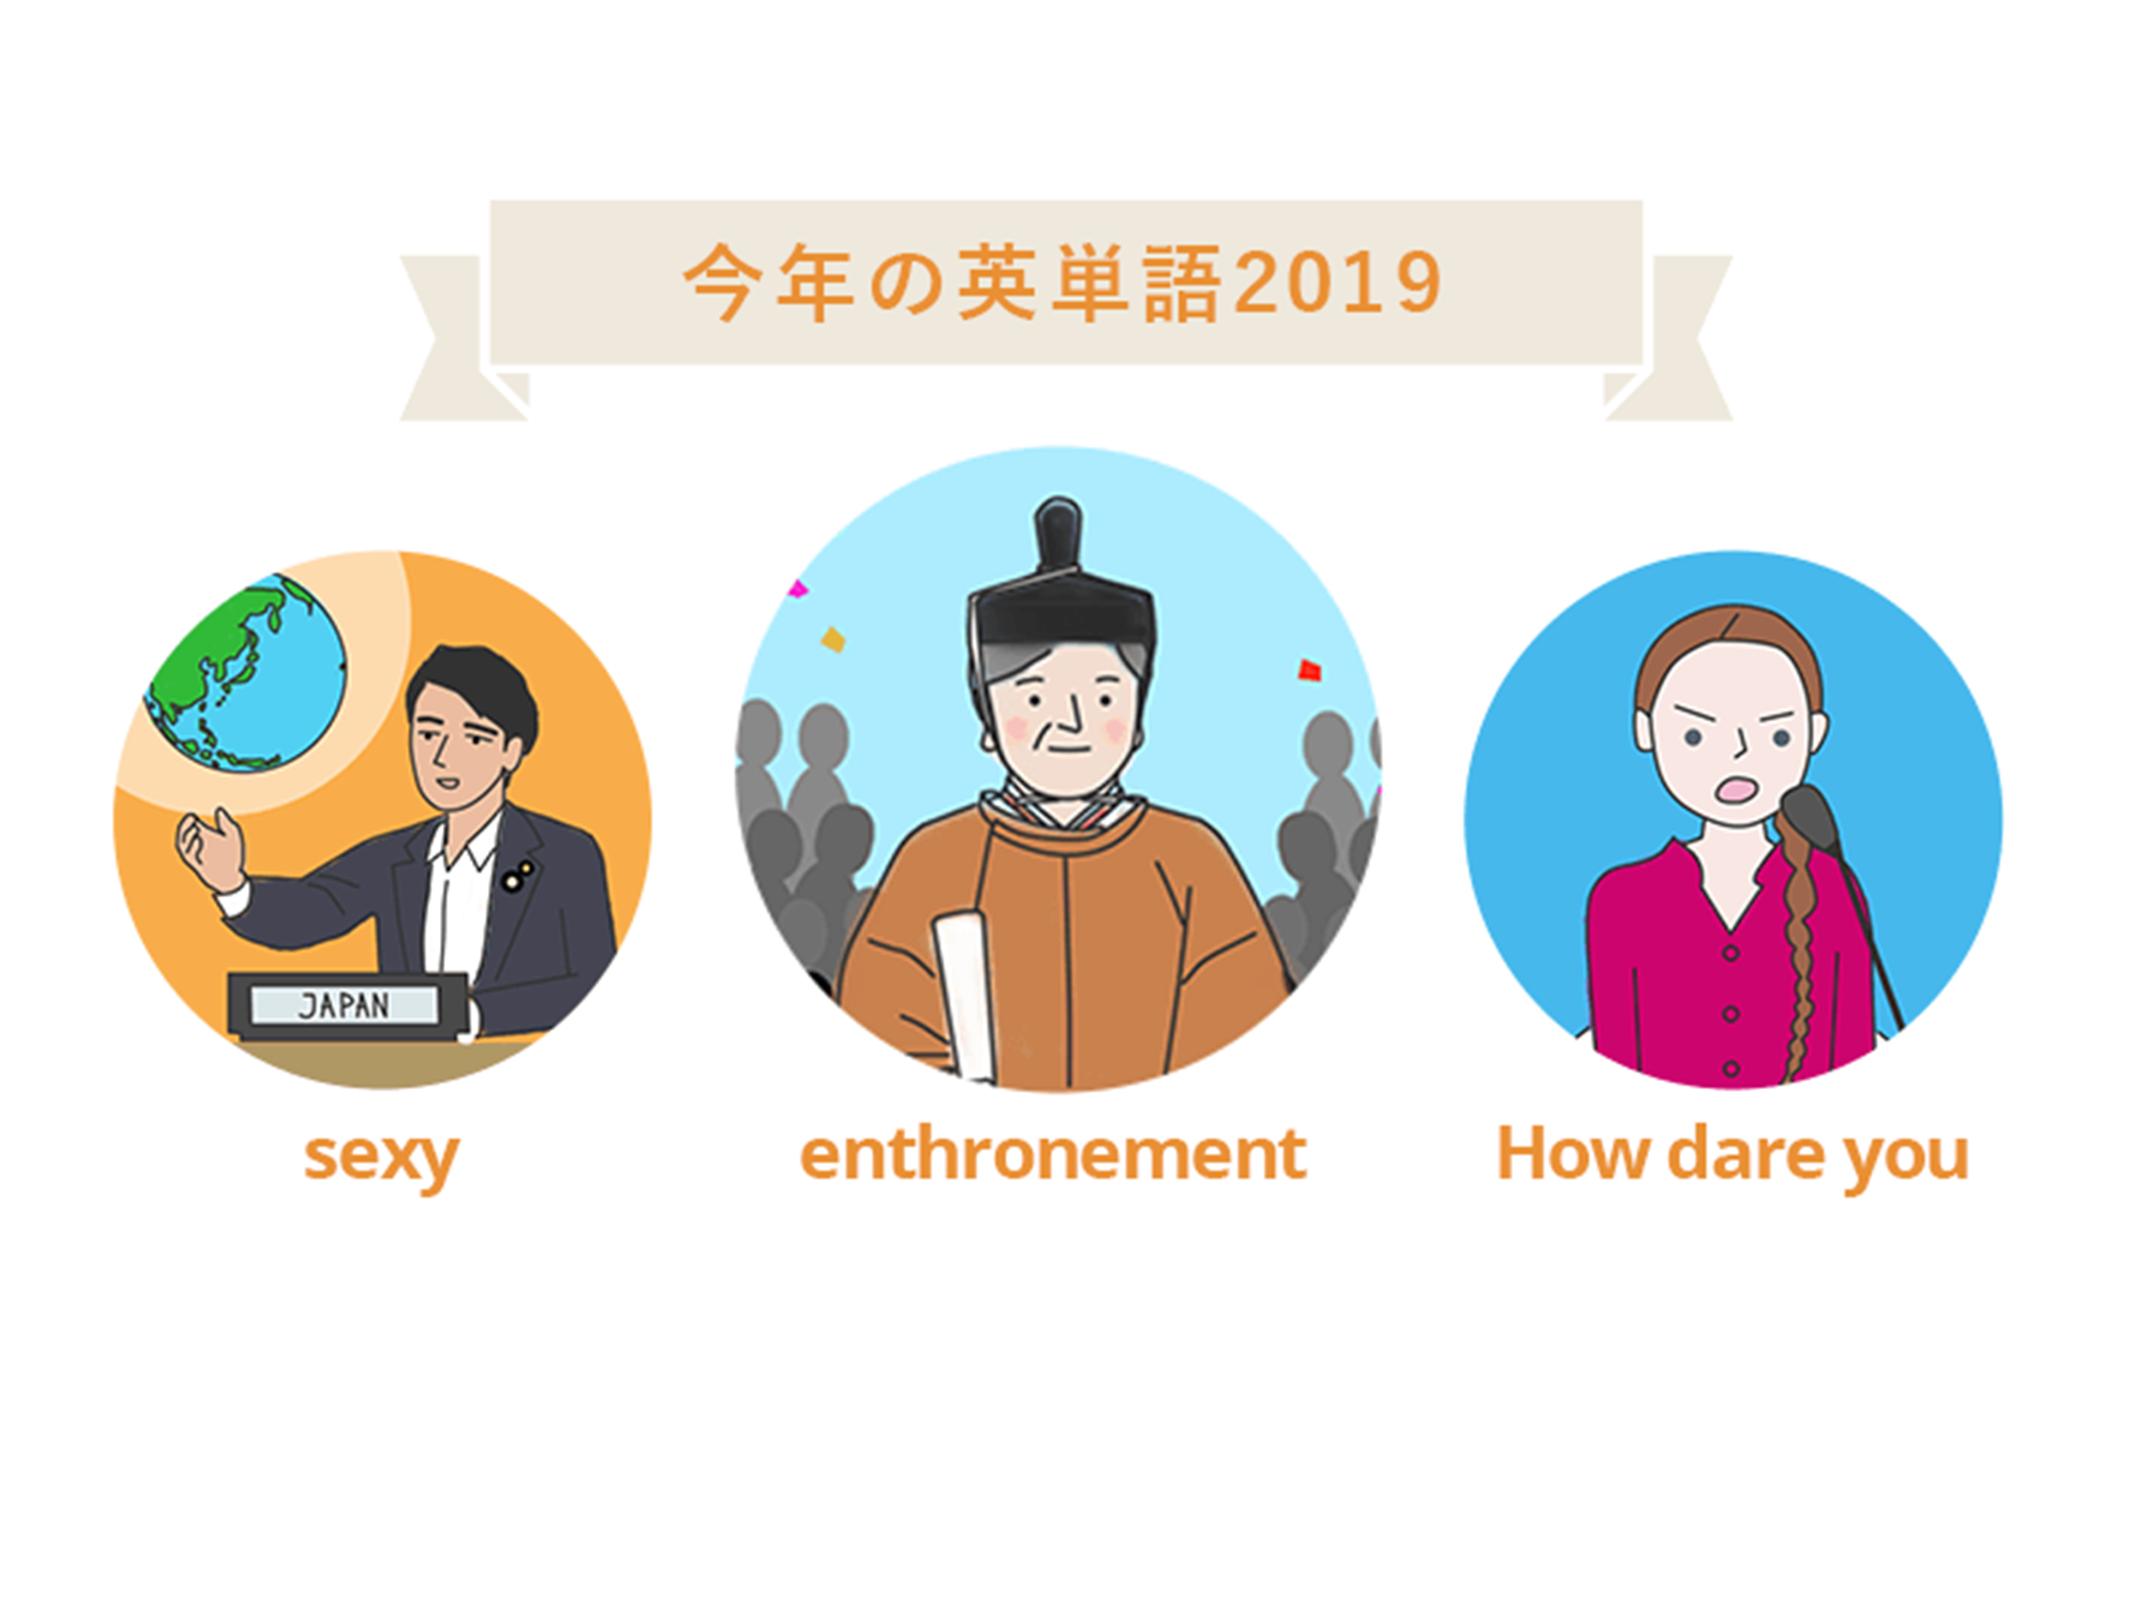 Weblio英和辞典・和英辞典が選出する「今年の英単語」、2019年は「enthronement」に決定! ノミネート語9語もあわせて発表 ウェブリオ株式会社のプレスリリース